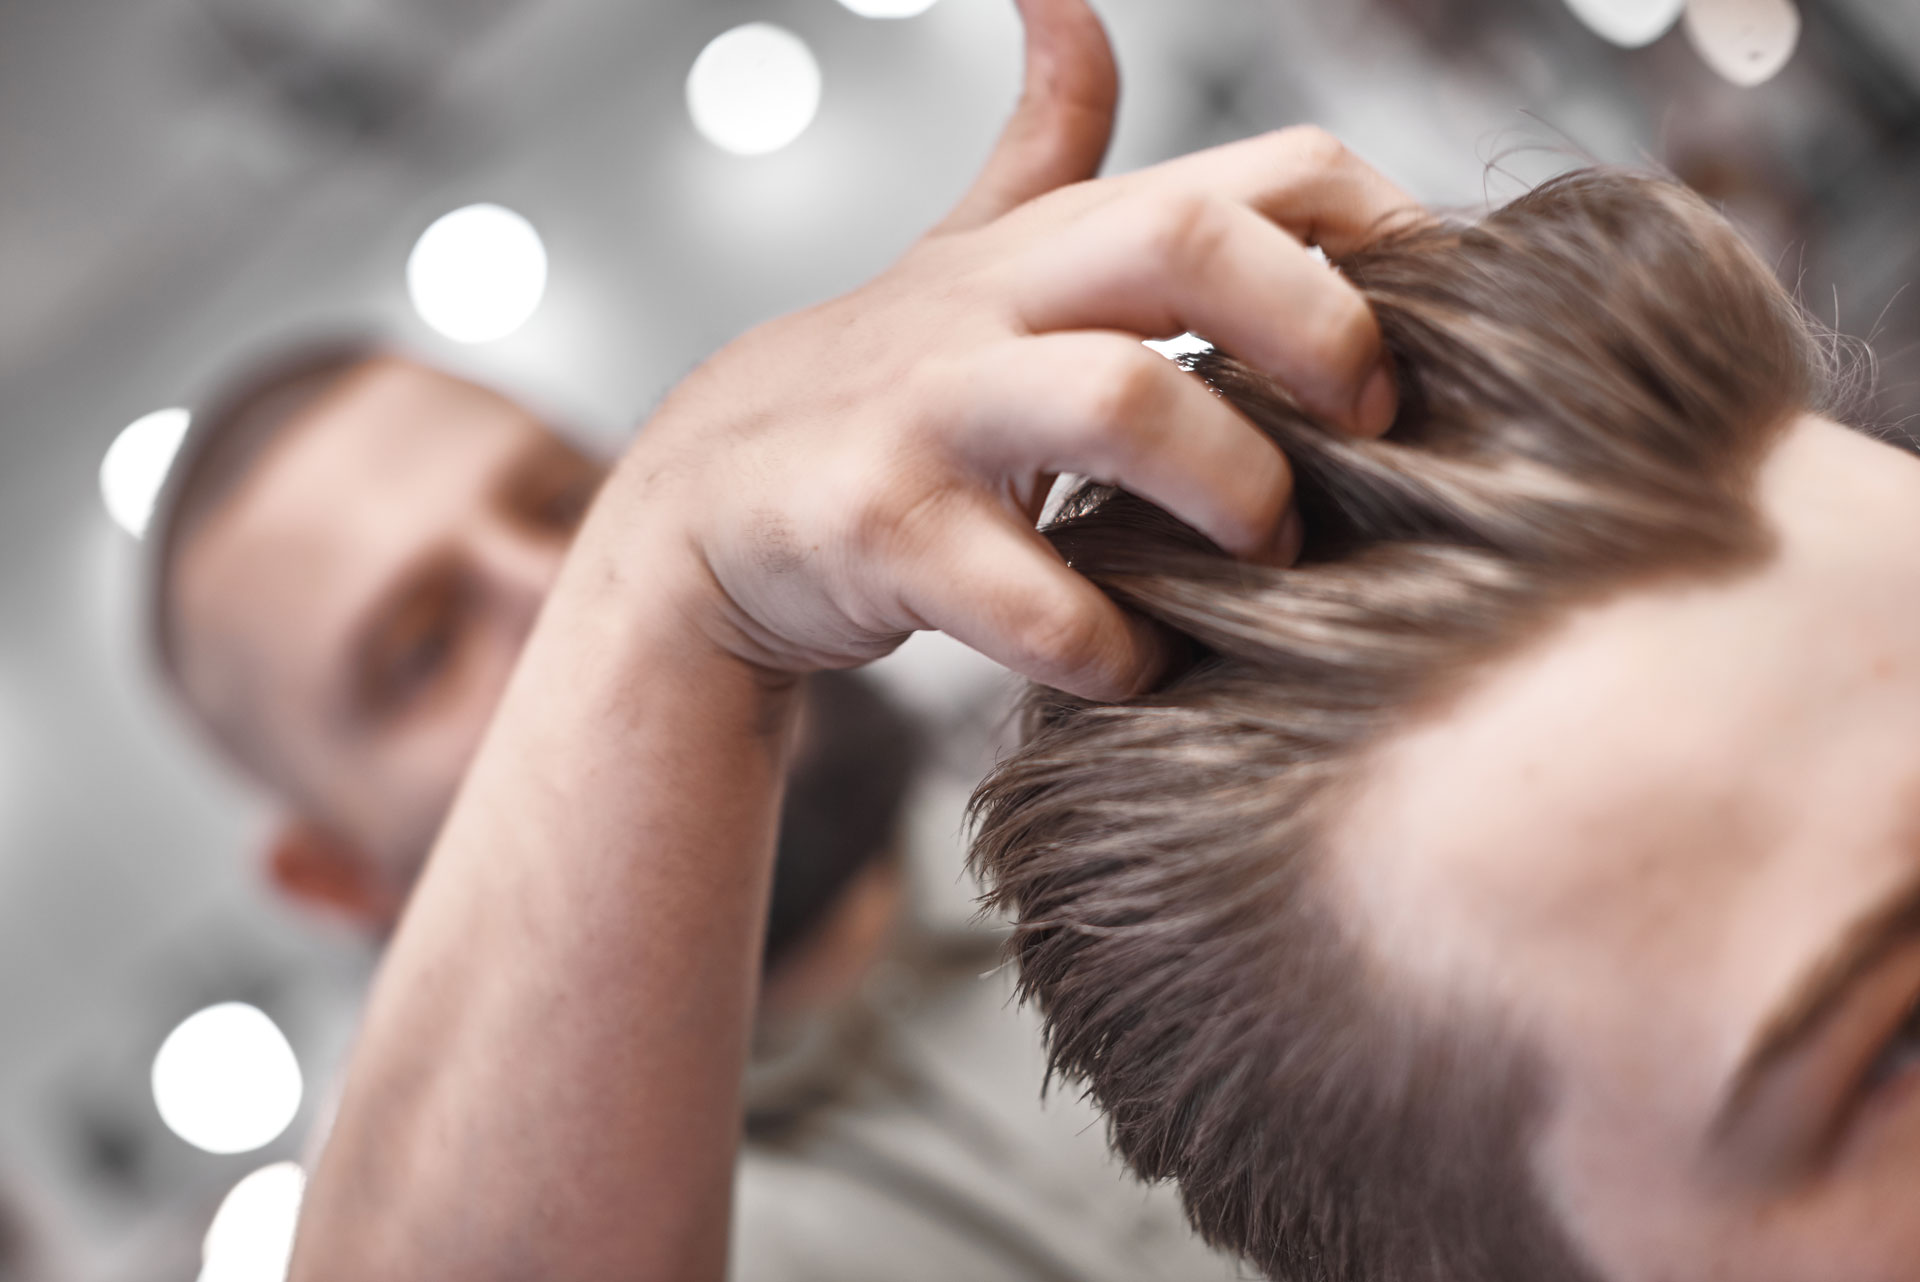 Man gets a haircut at the barber shop in Playa Vista, CA